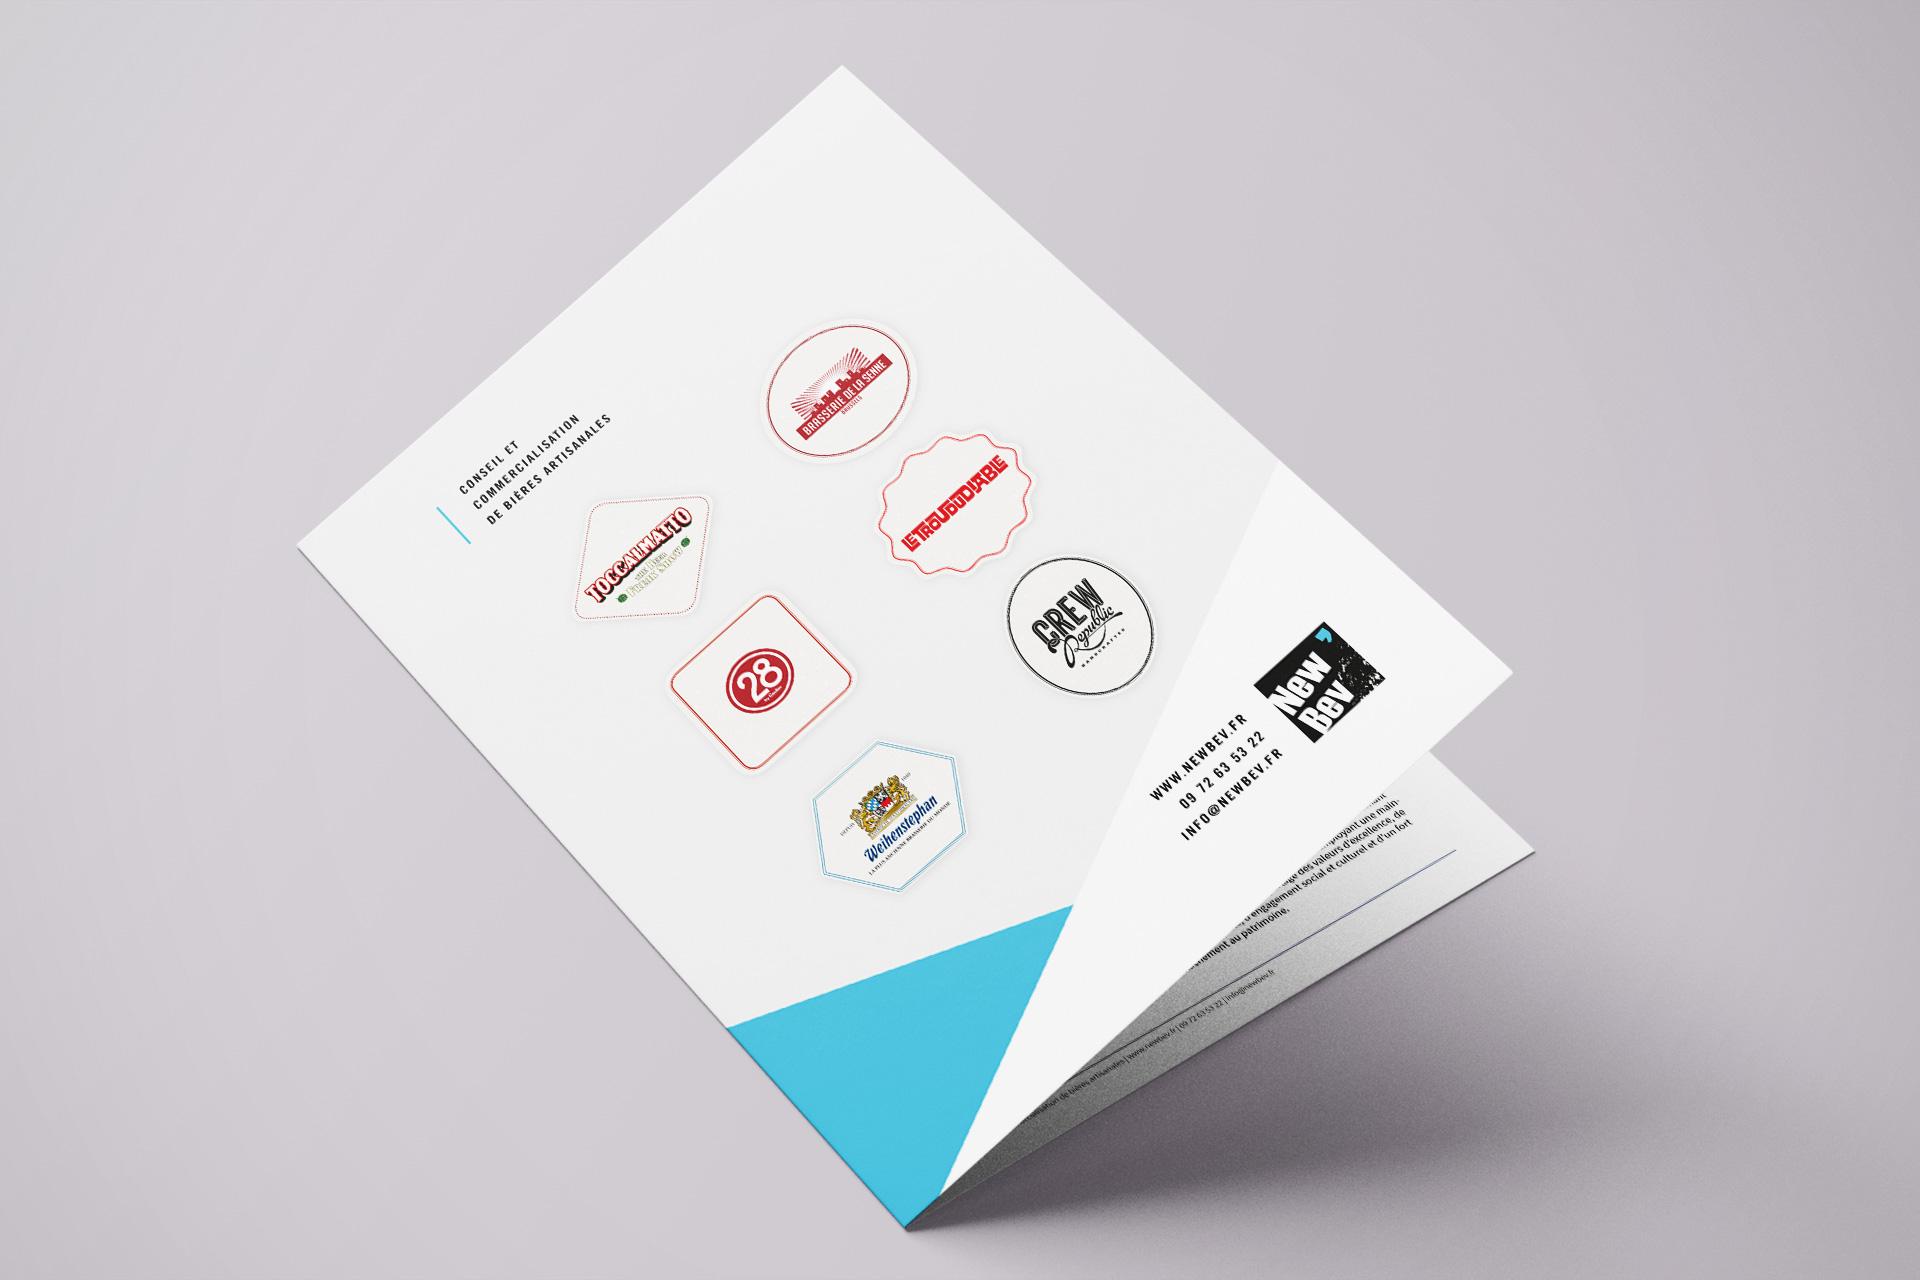 Première de couverture brochure New Bev' verso © Morgane Baltzer © Morgane Baltzer